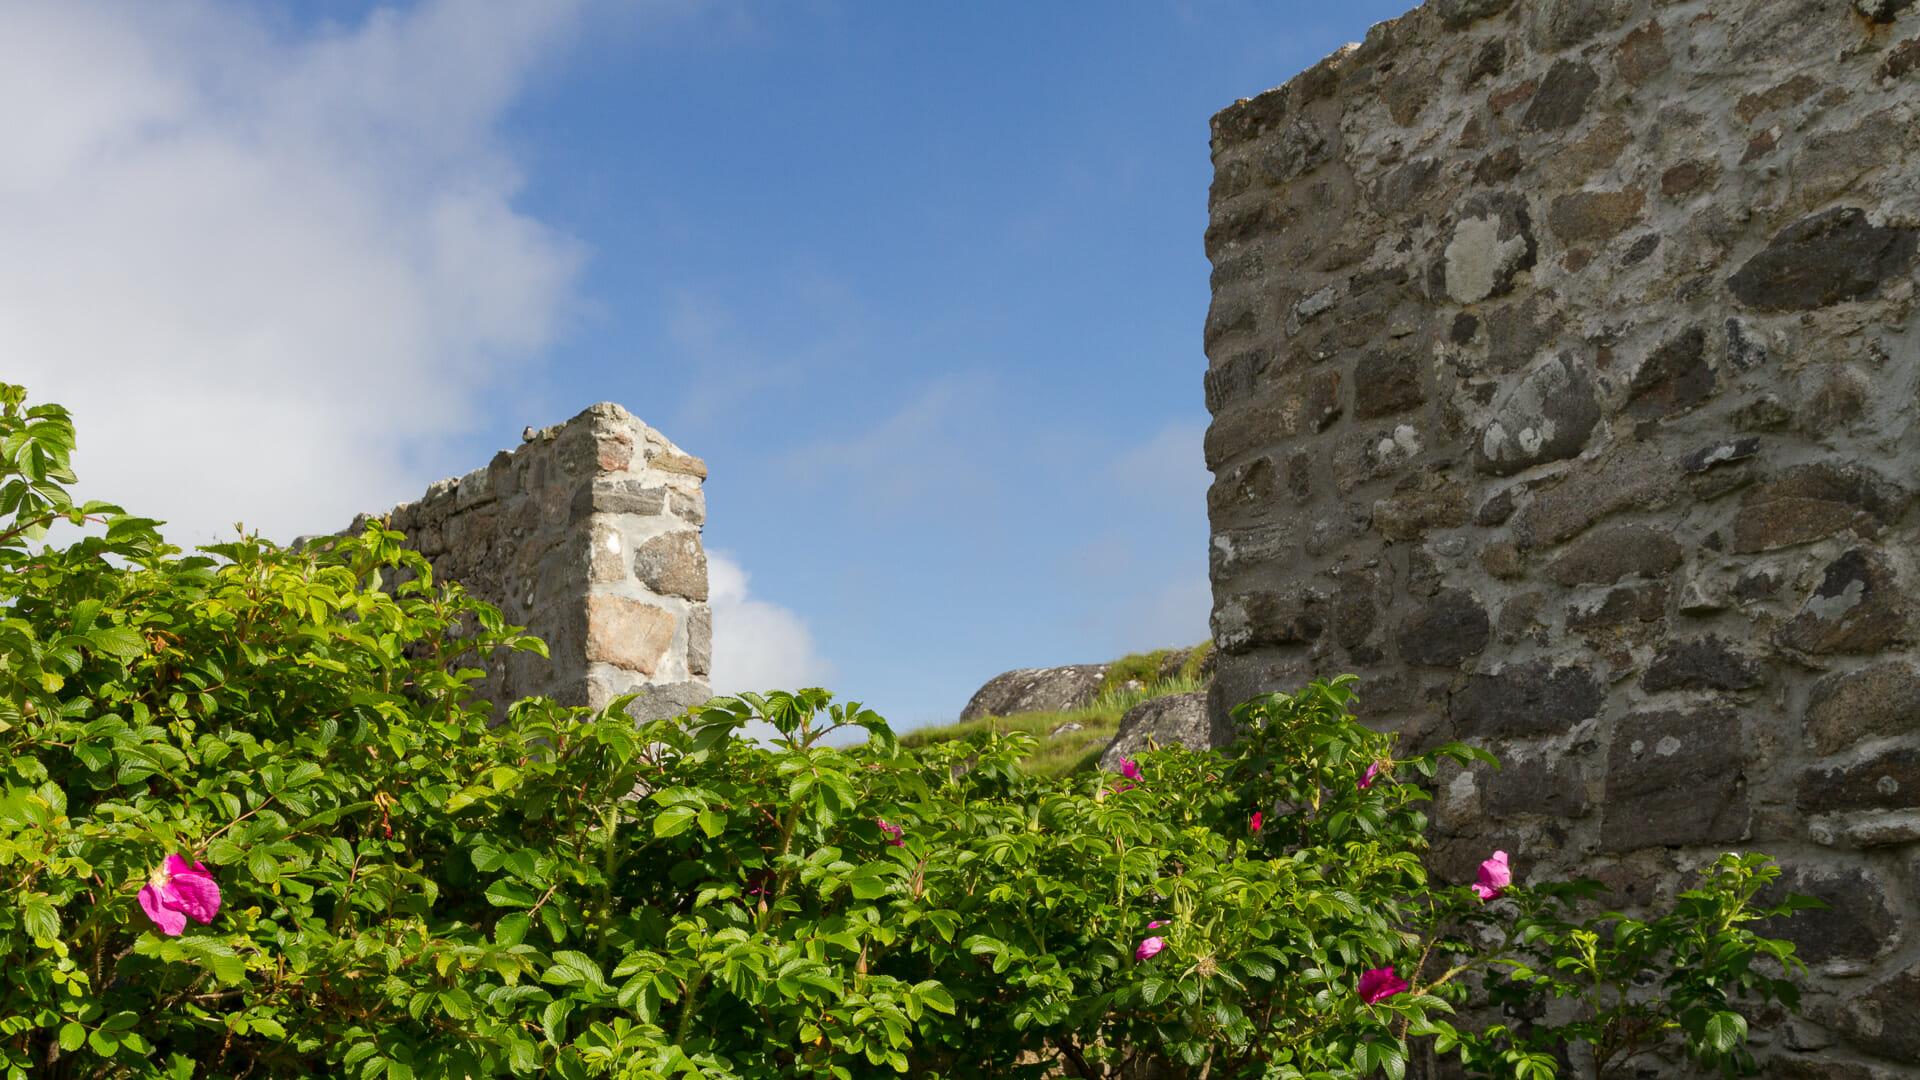 Blick auf die Mauern des Gartens - (Foto: Martin Goldmann)